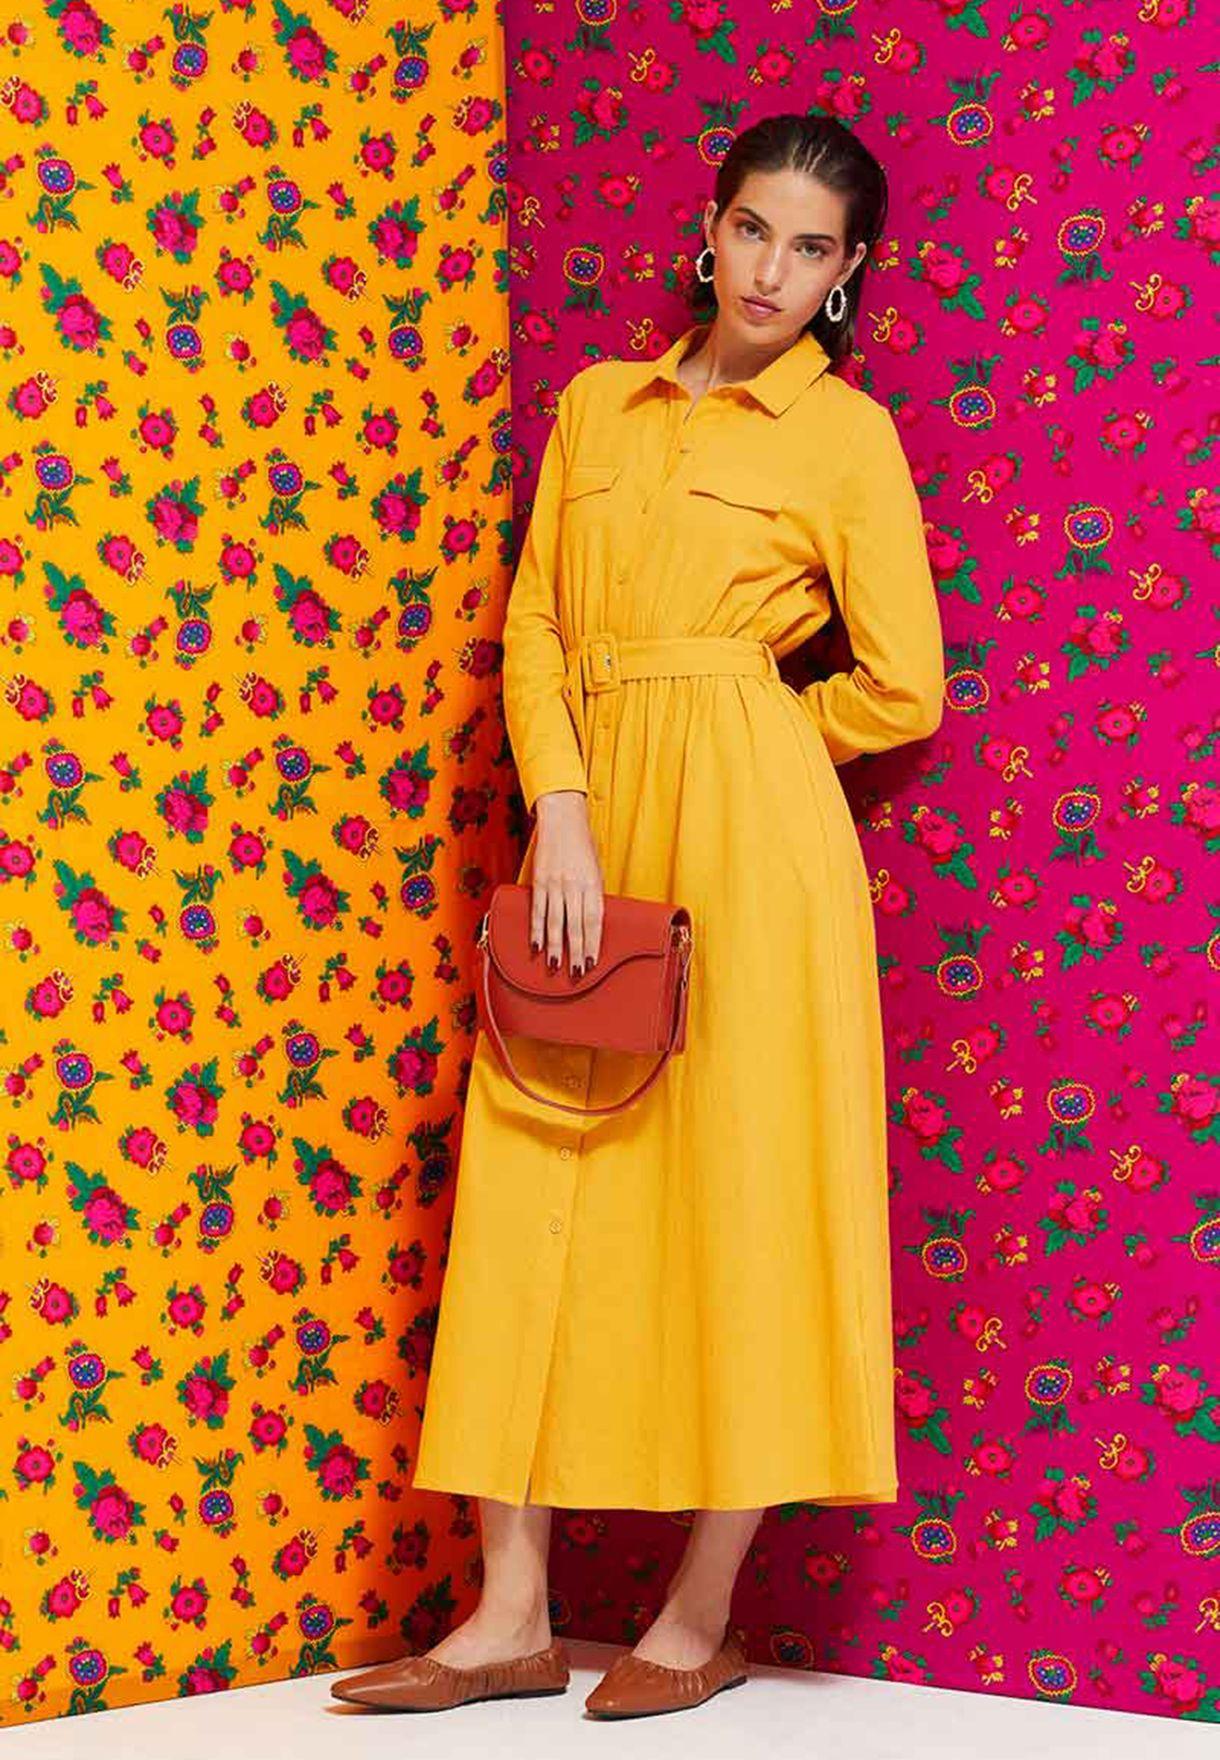 فستان بياقة كلاسيكية وجيوب